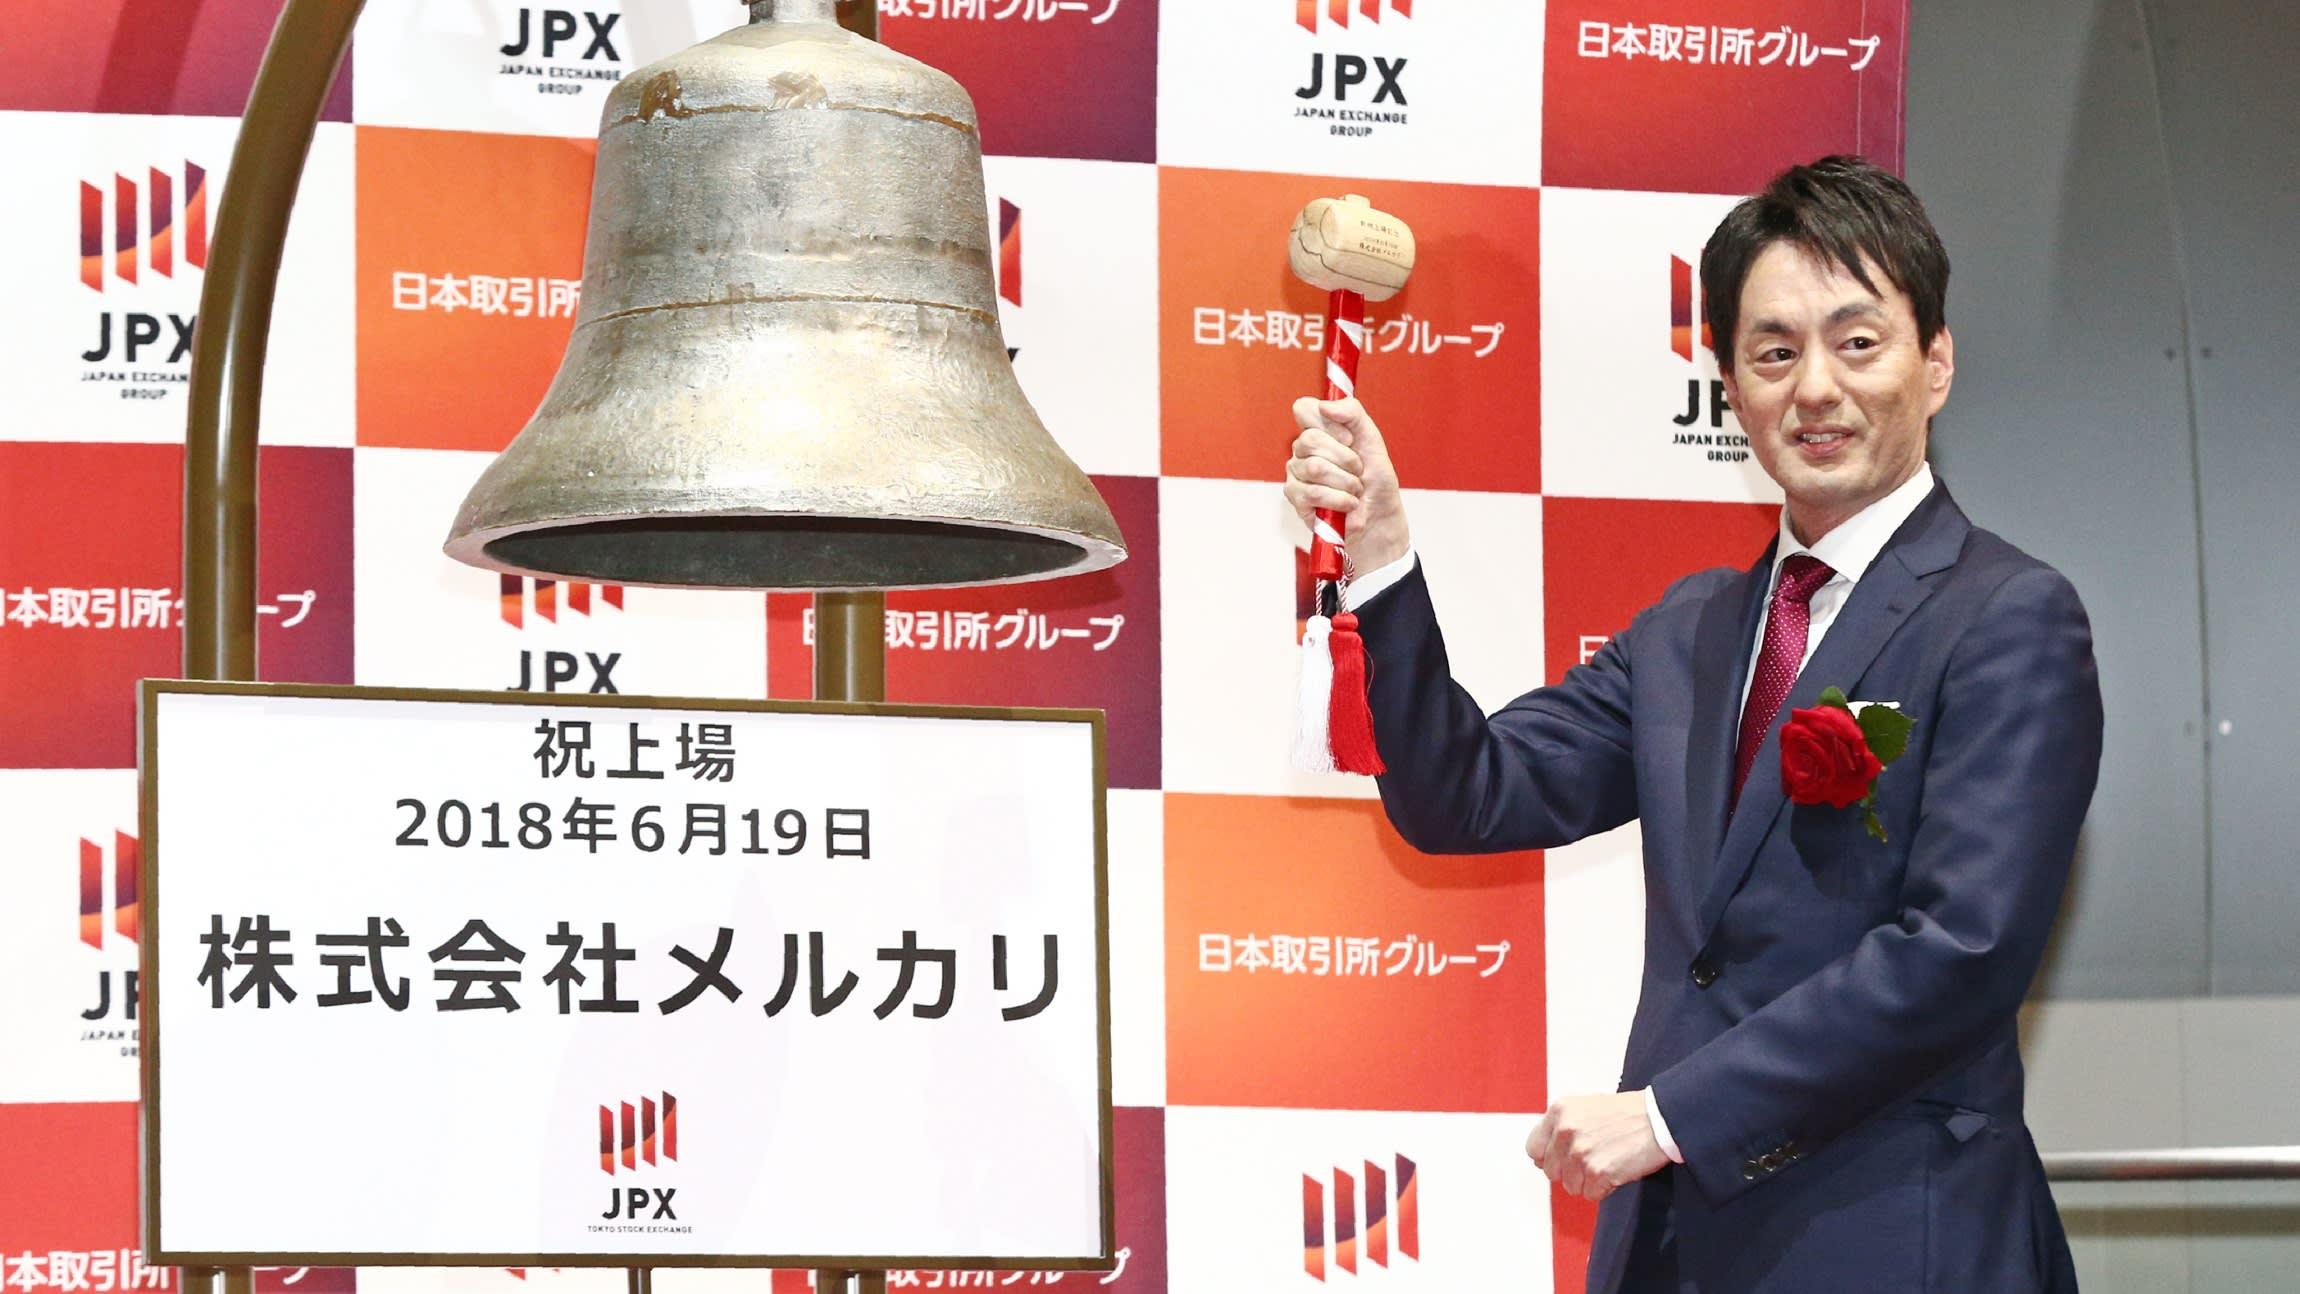 Mercari japanese ipo 1.1b tokyo june